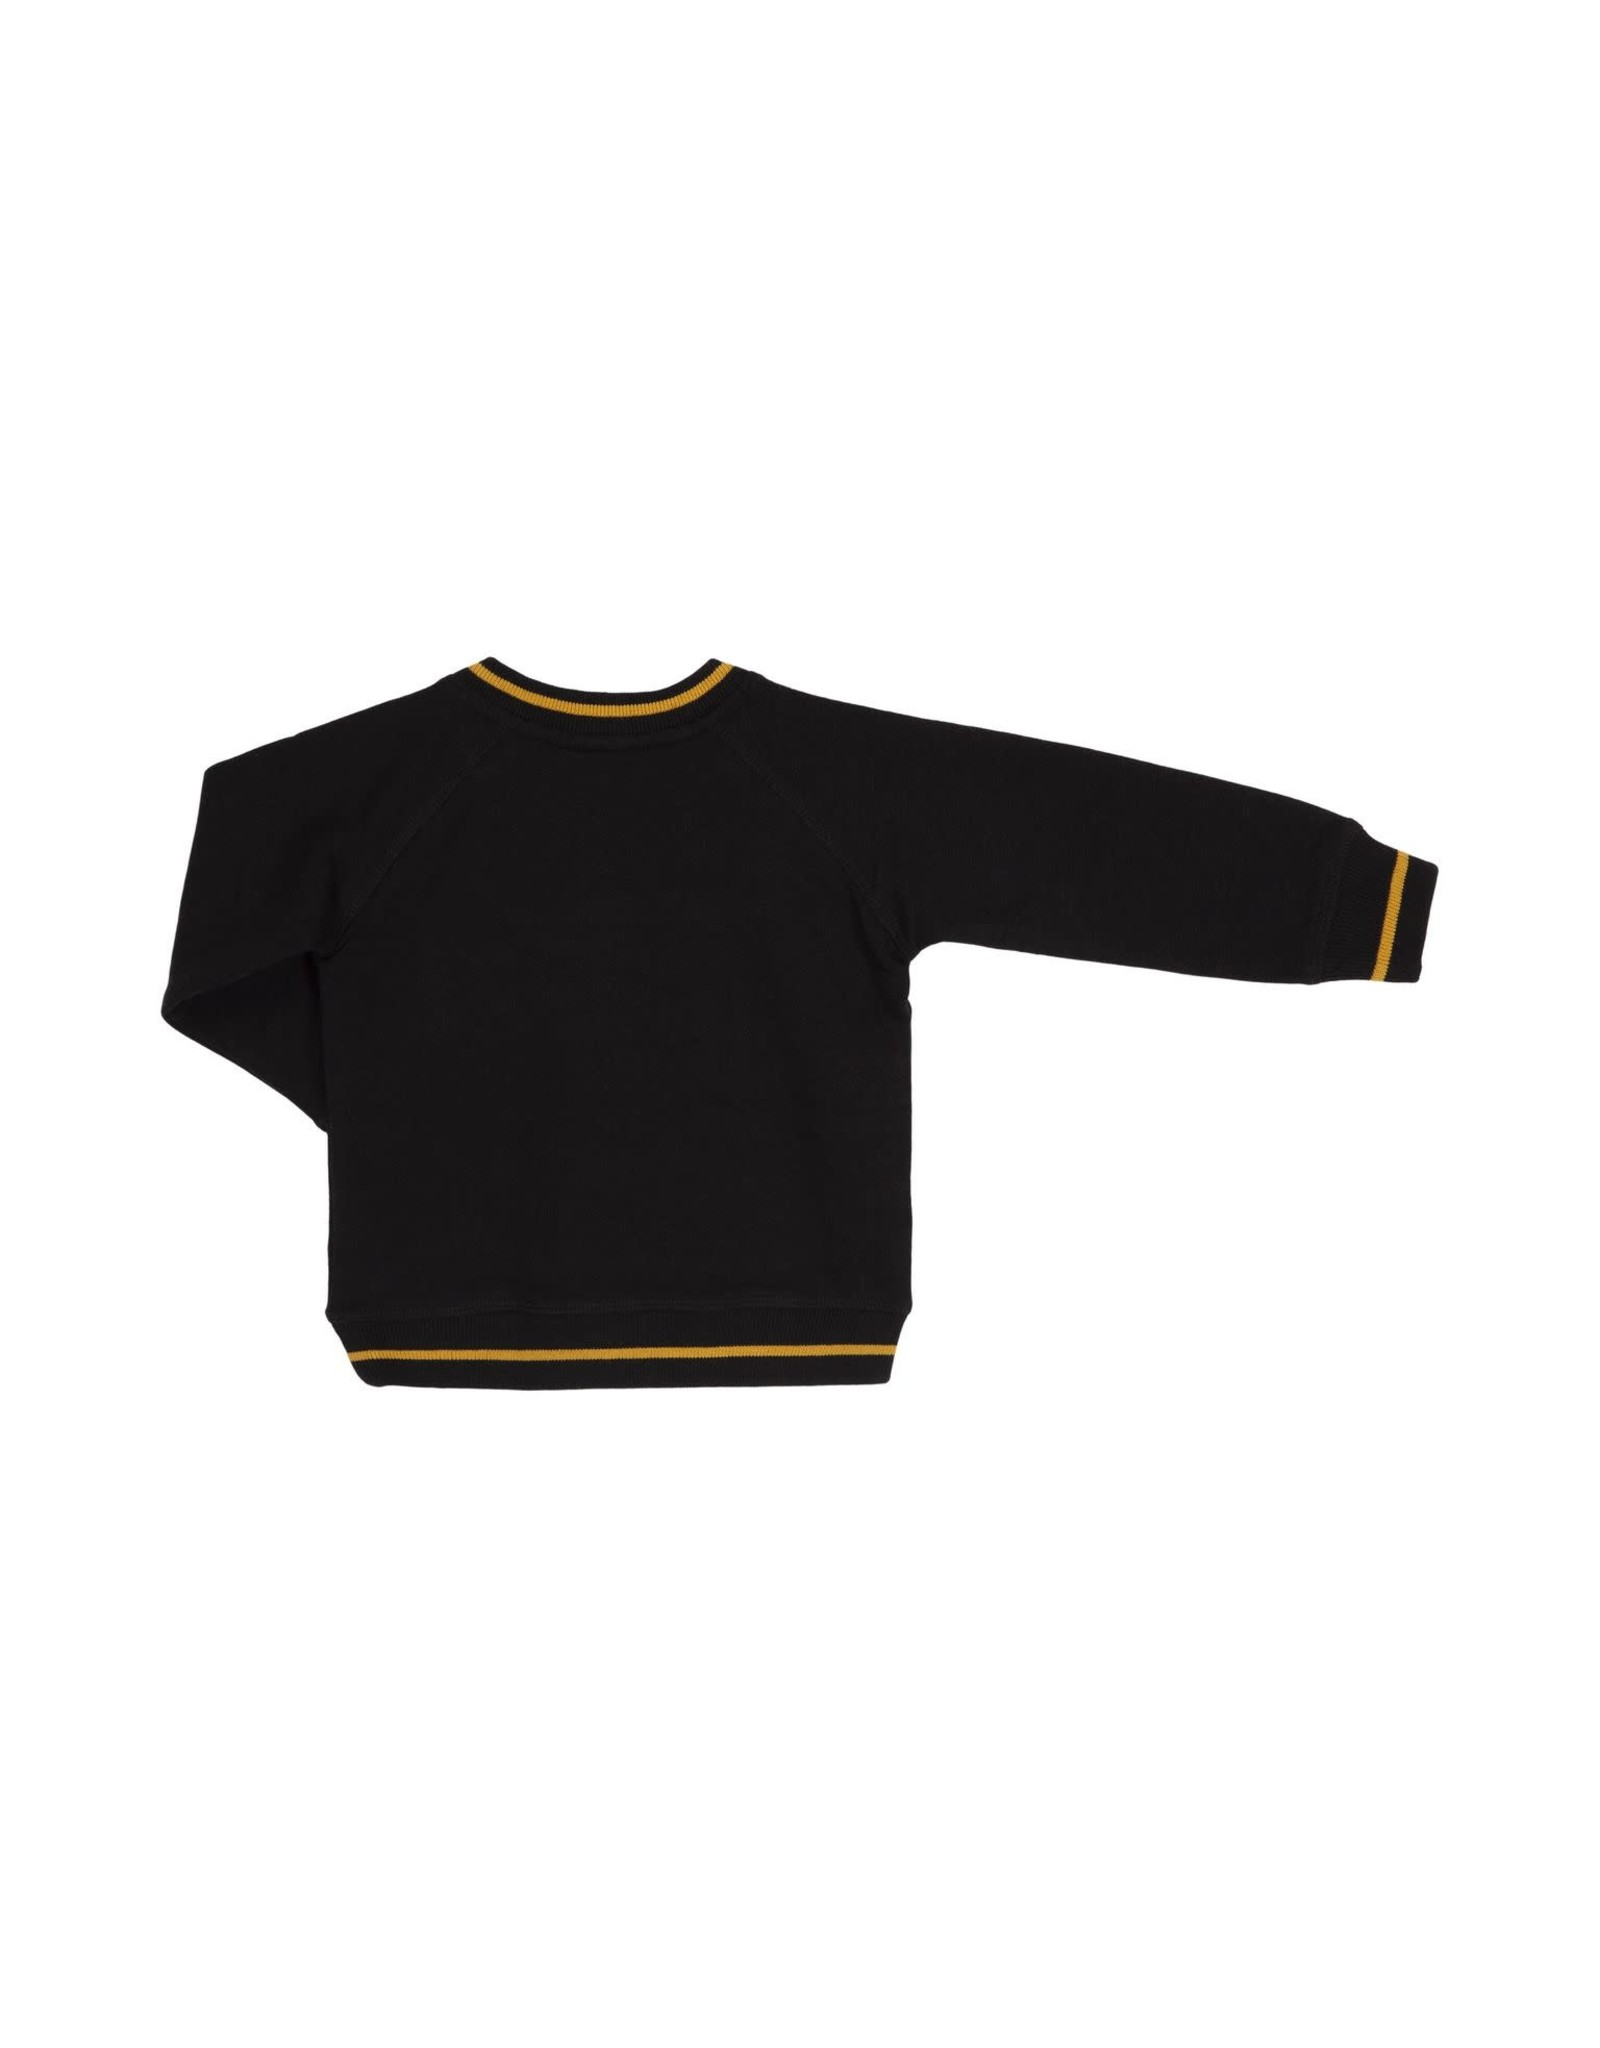 Petit by Sofie Schnoor trui zwart oker